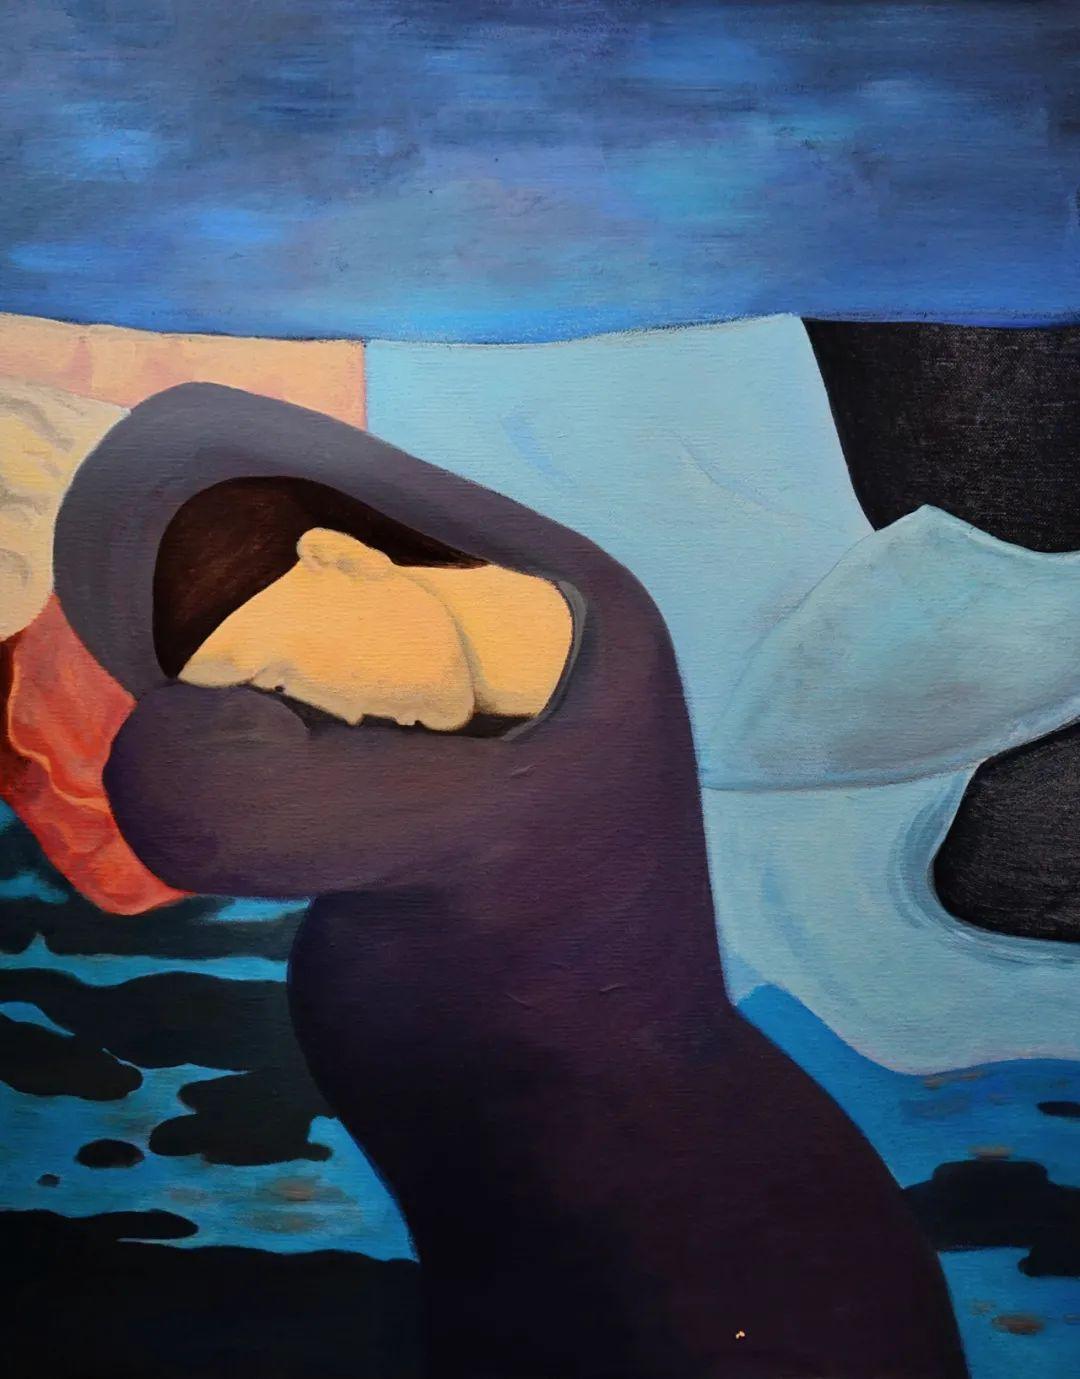 莫日根   用绘画寻找灵魂栖居之所 第22张 莫日根   用绘画寻找灵魂栖居之所 蒙古画廊